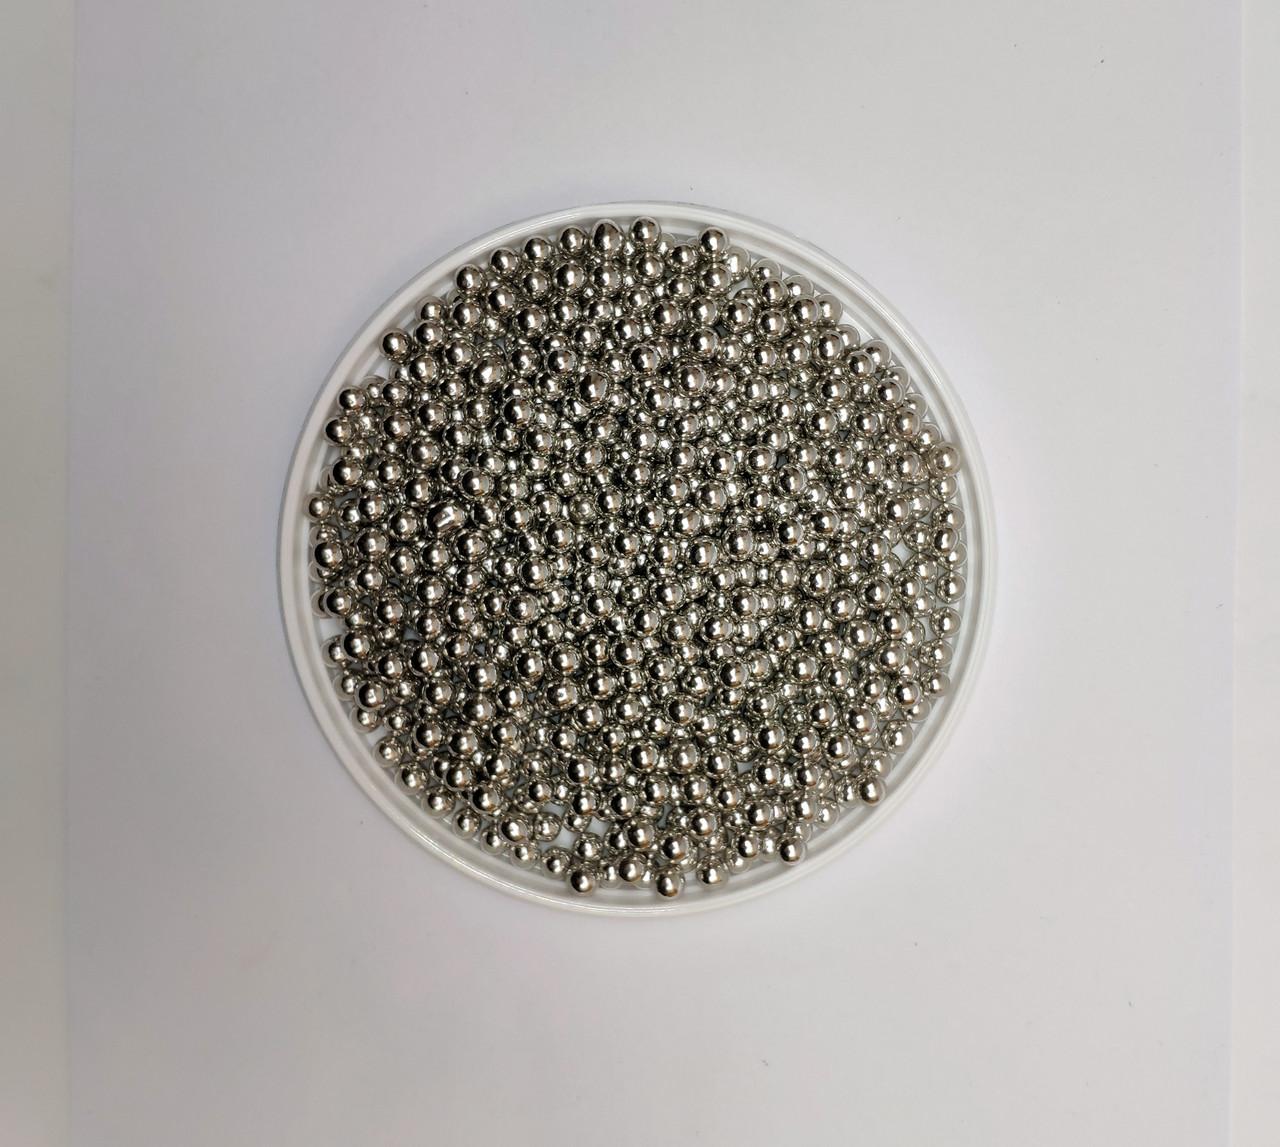 Серебряные перламутровые шарики Ф 5 мм